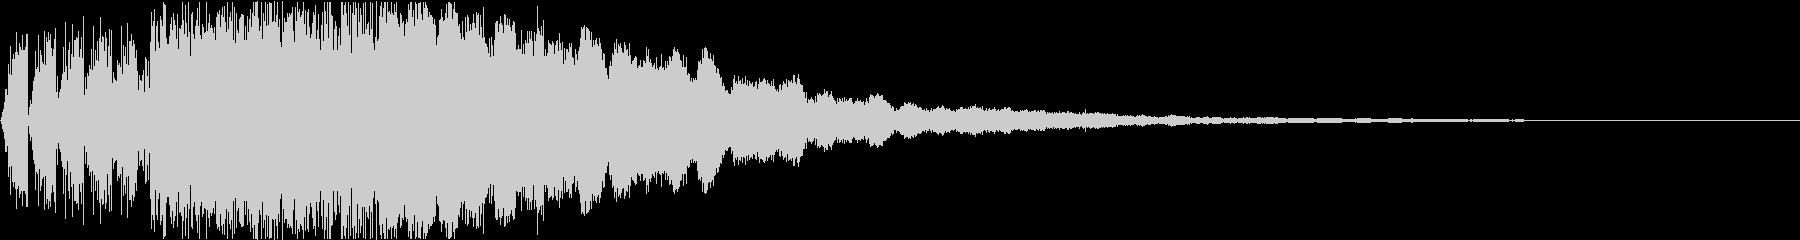 キュイン ギュイーン シャキーン 06の未再生の波形